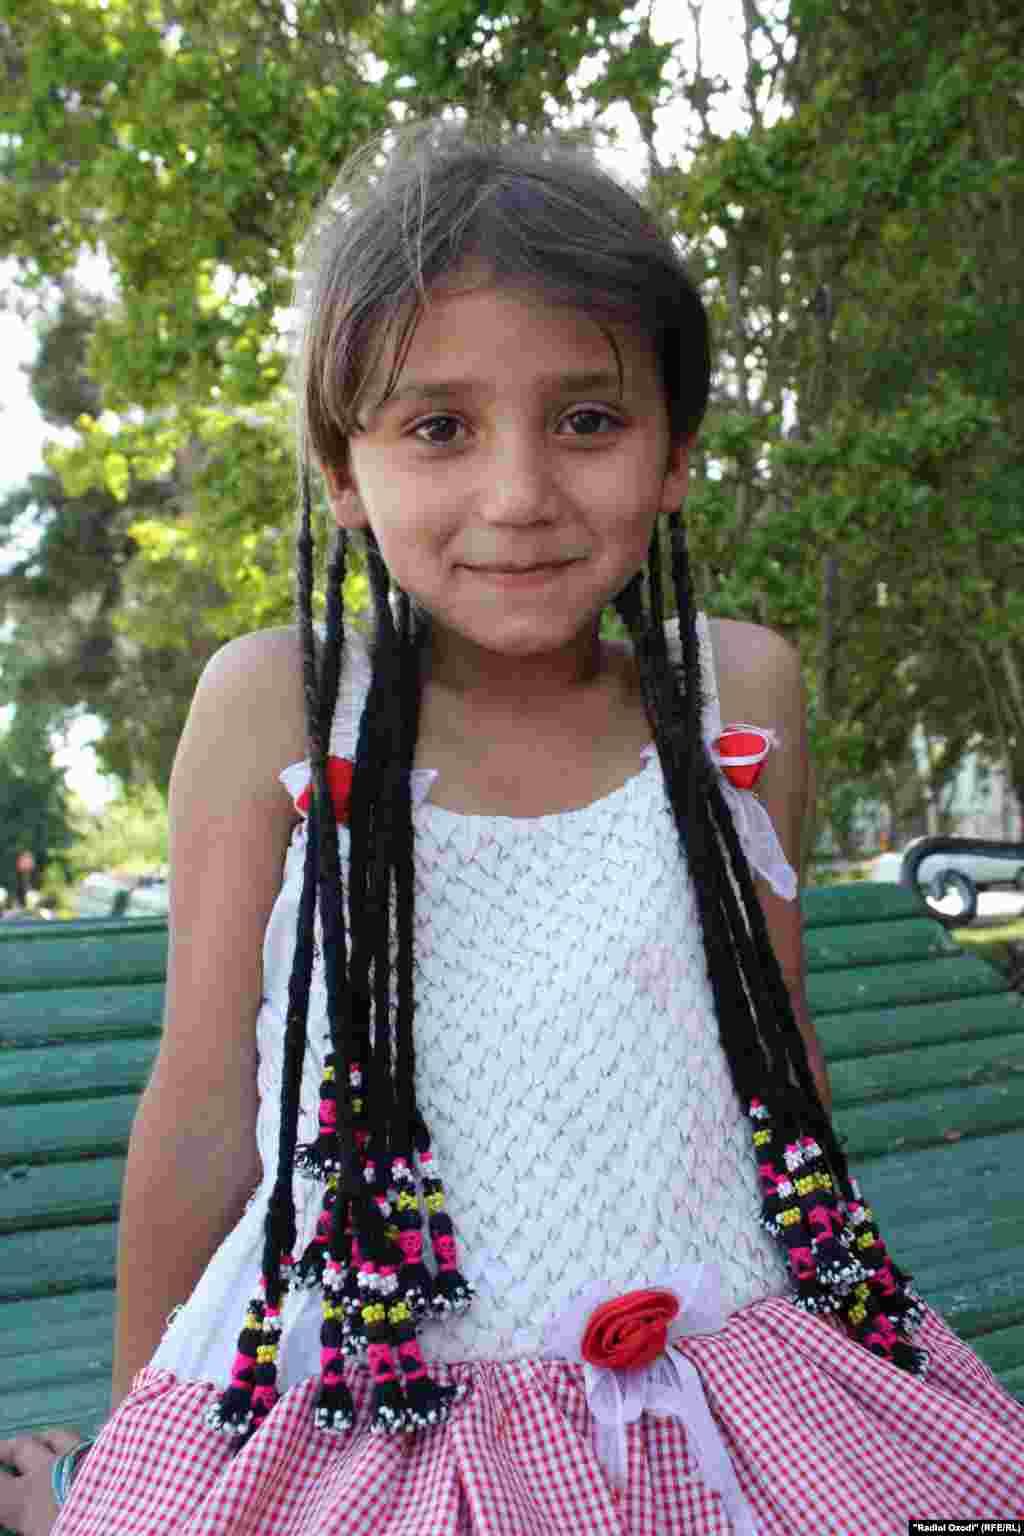 6-річна мешканка Душанбе Жасміна хоче, щоб її тато, який виїхав на заробітки в Росію, скоріше повернувся додому. Дівчинка мріє стати лікарем.